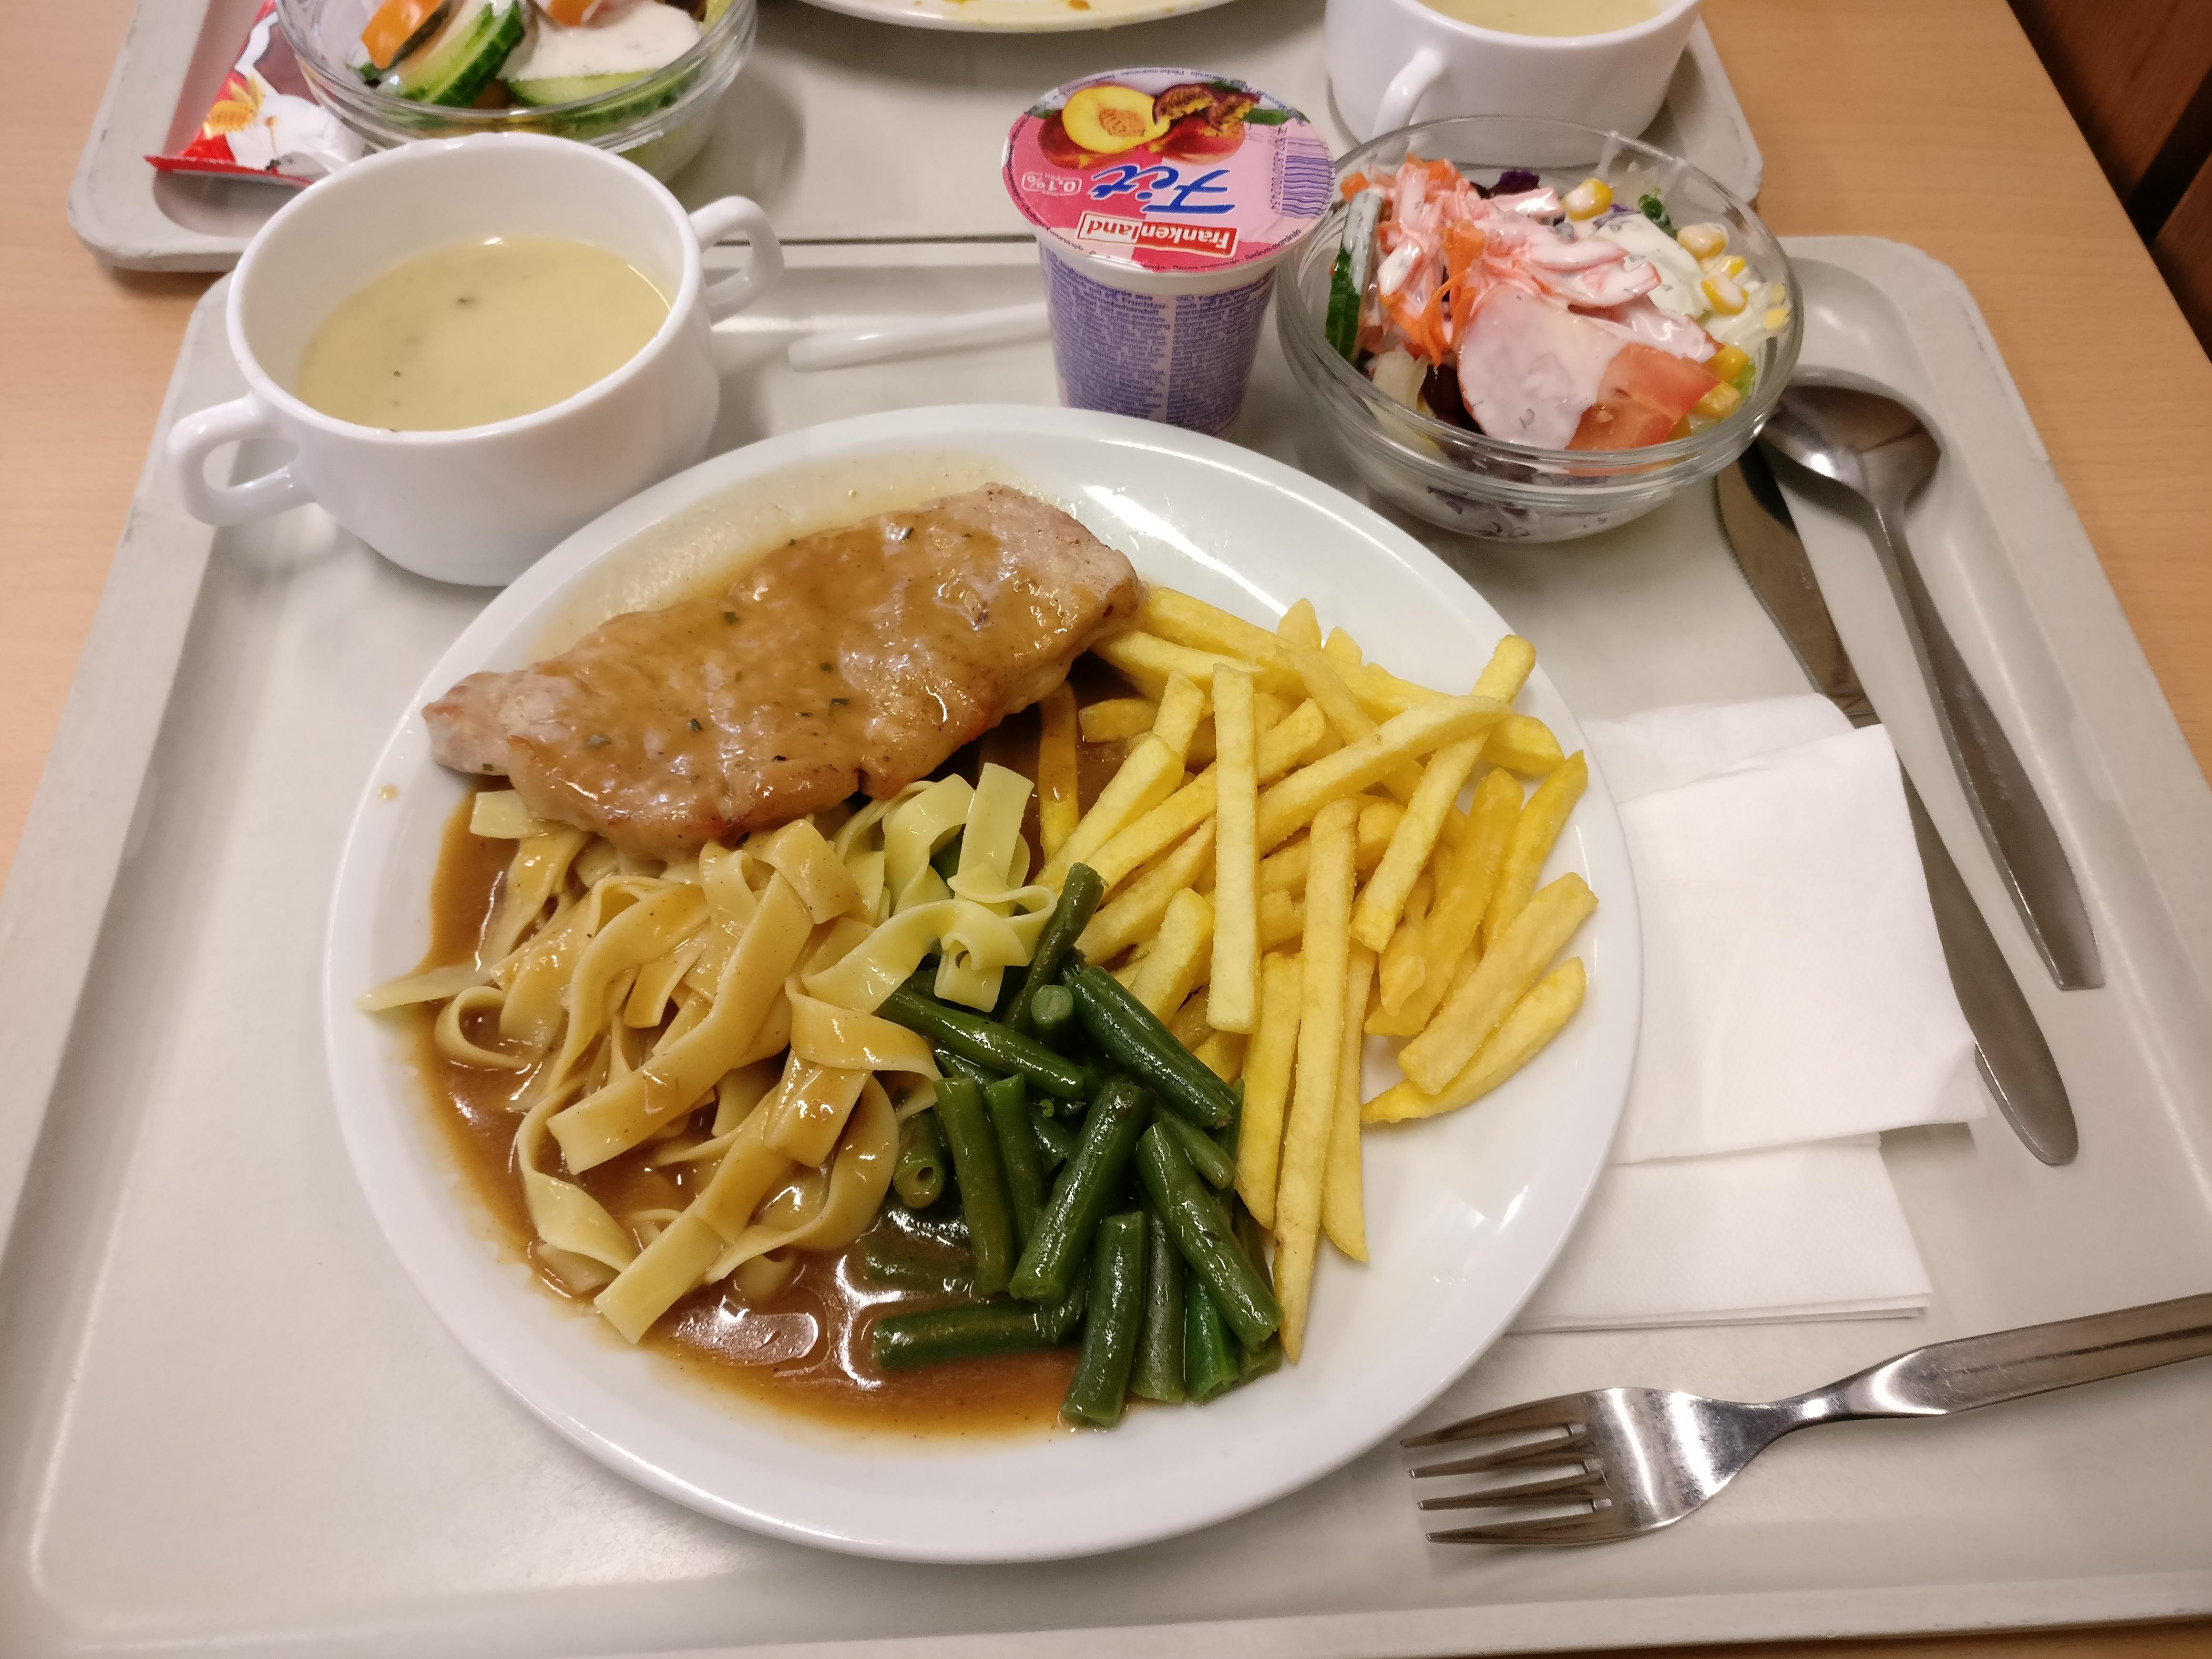 https://foodloader.net/nico_2016-12-08_rueckensteak-mit-pommes-nudeln-bohnen-suppe-salat-und-joghurt.jpg